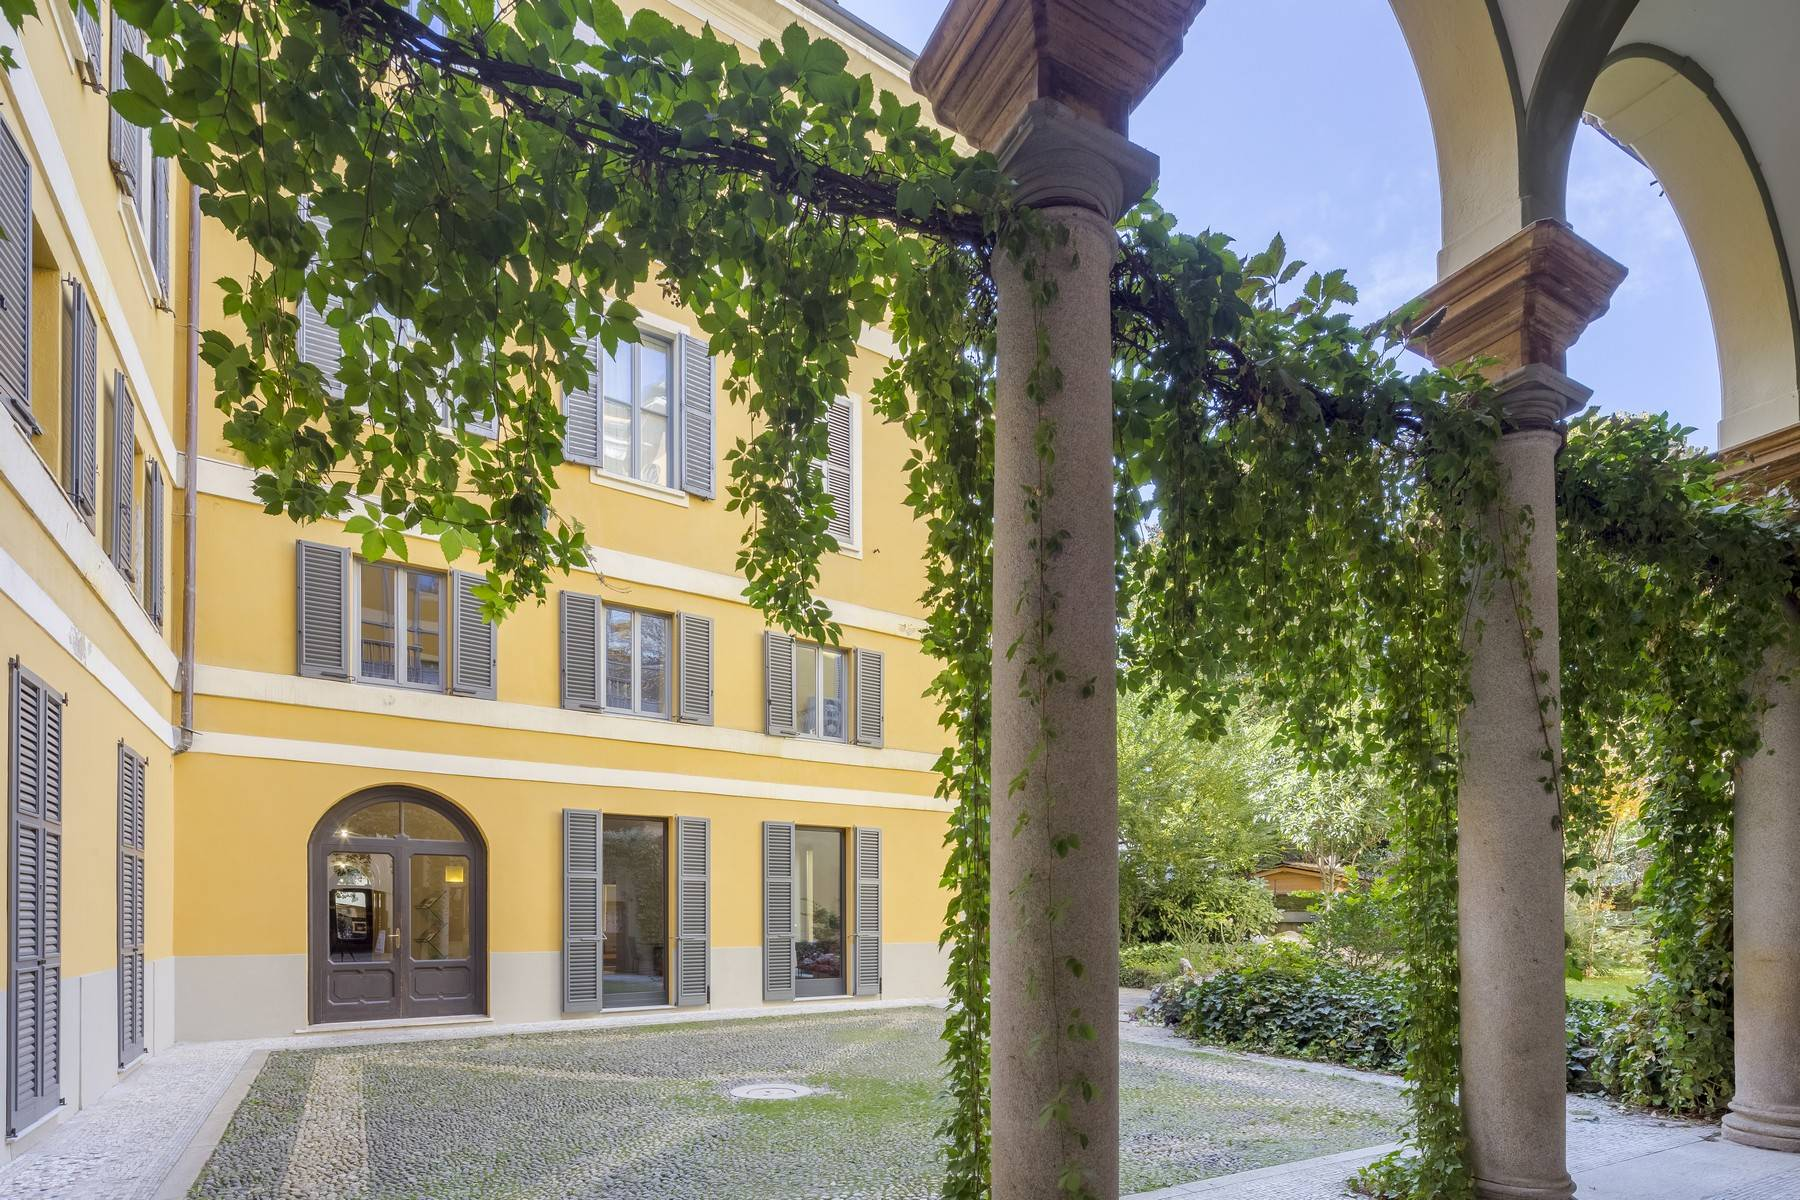 Negozio-locale in Affitto a Milano: 2 locali, 100 mq - Foto 6